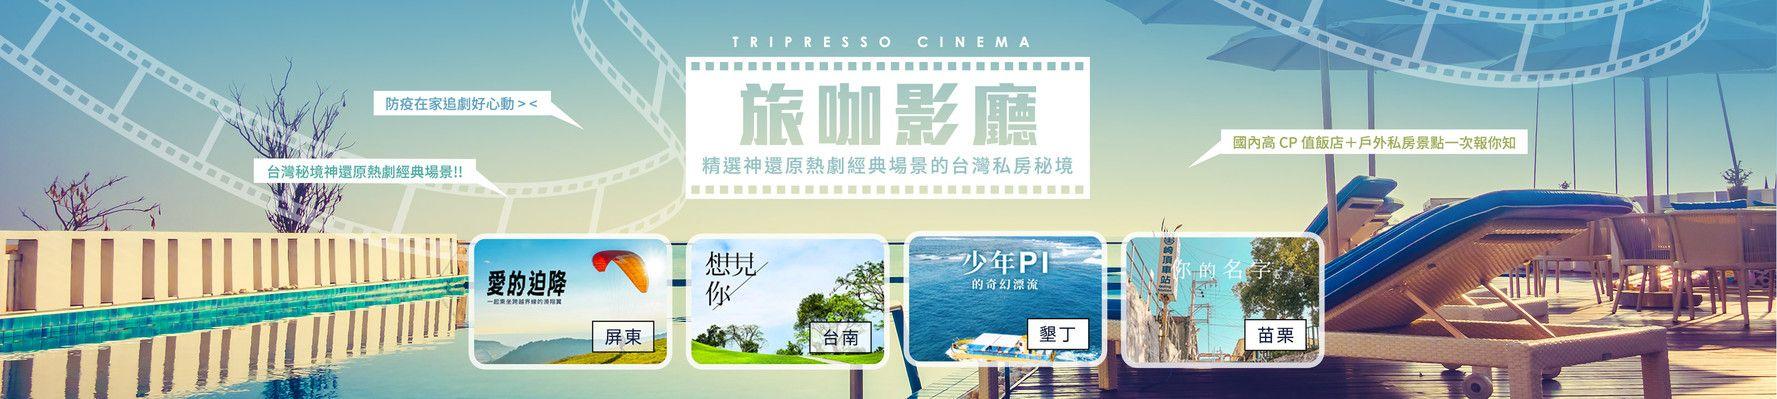 旅咖影展 - 全台高 CP 值飯店與秘境大公開